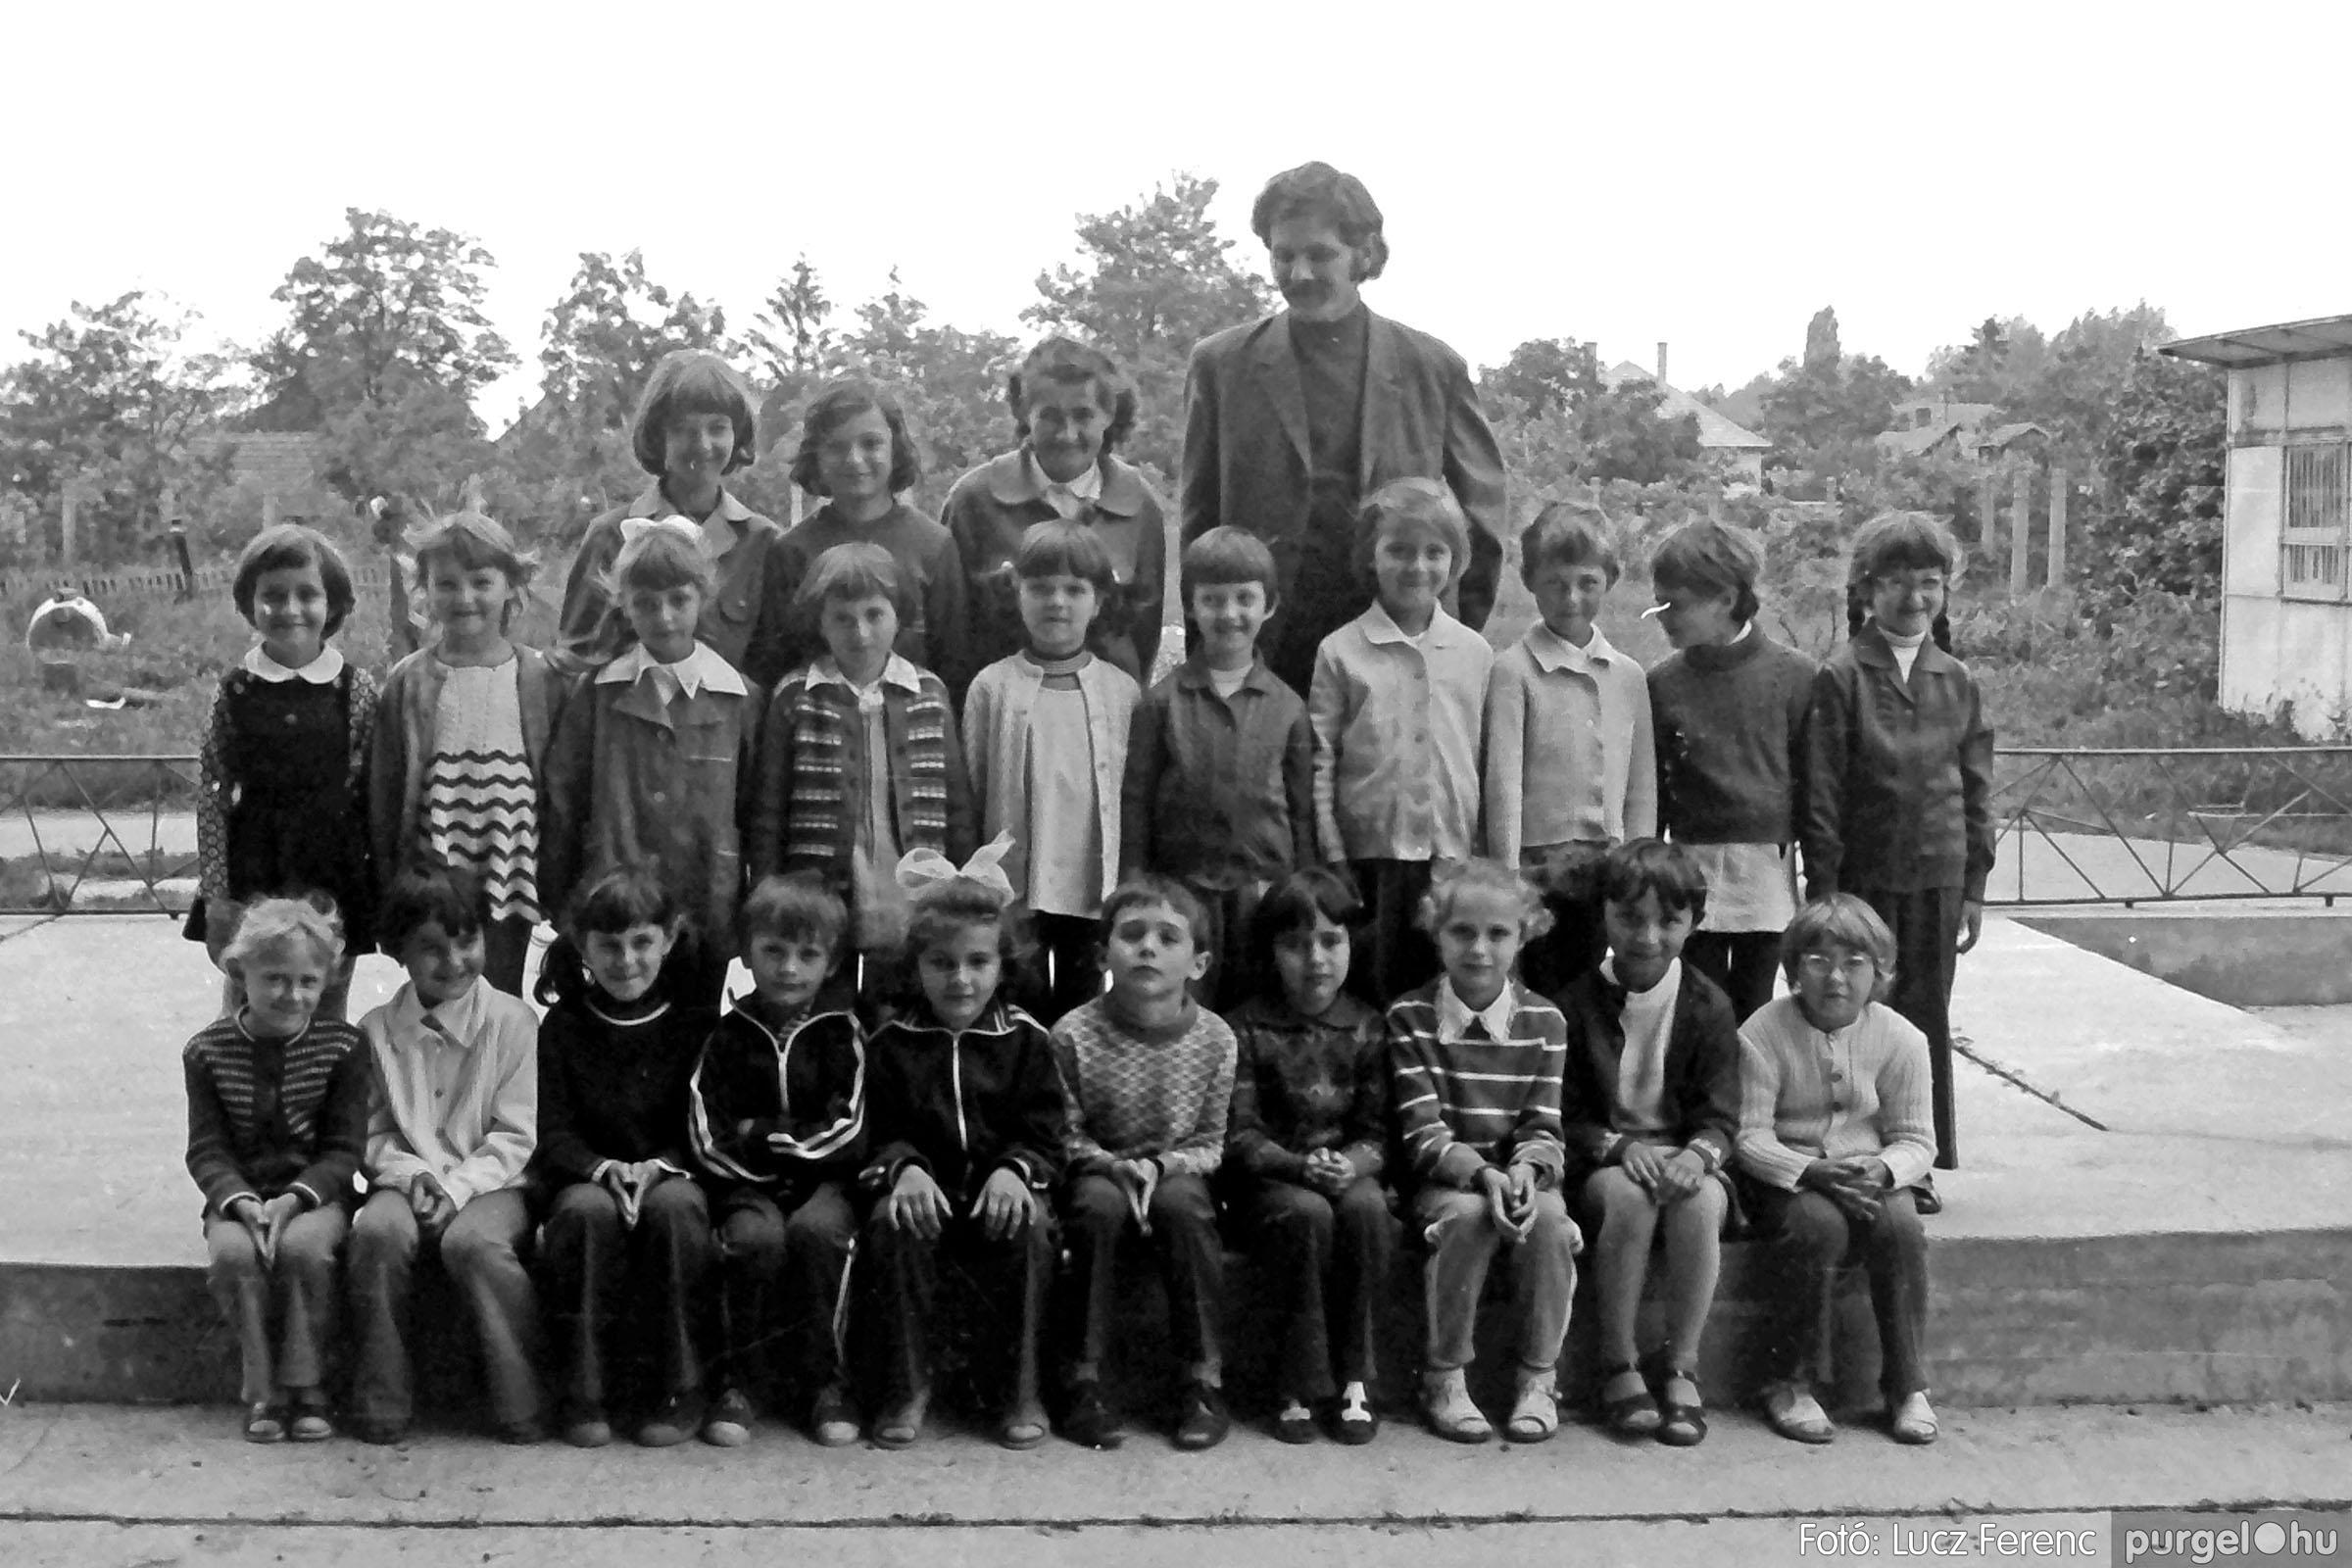 018-019 1975. Élet a kultúrházban 024 - Fotó: Lucz Ferenc IMG00071q.jpg